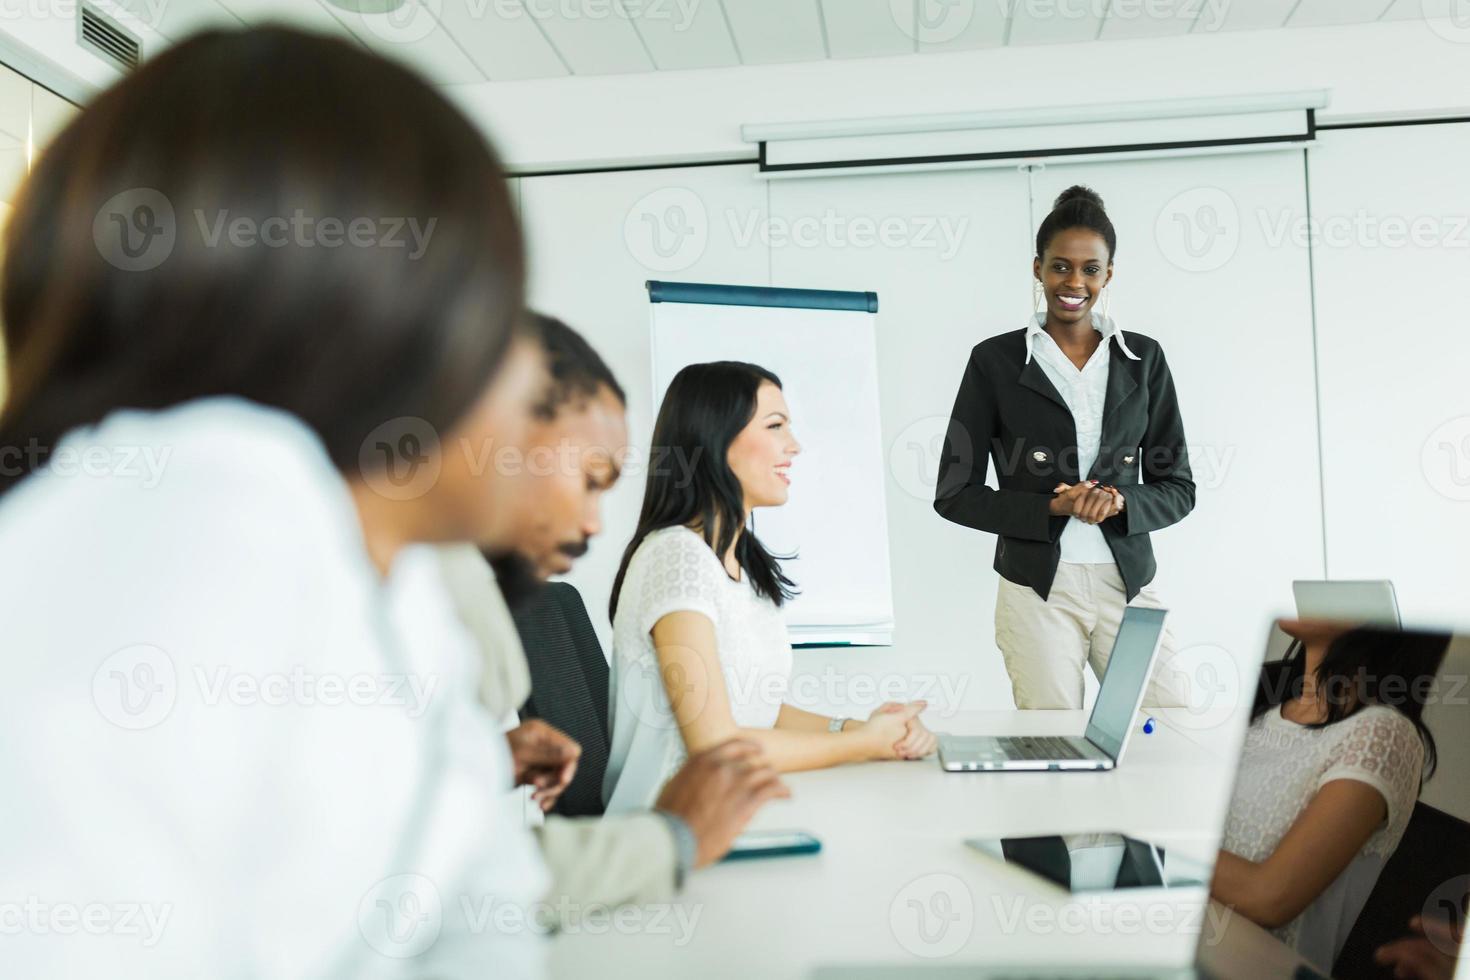 jovens empresários sentado em uma mesa de conferência e aprendendo foto